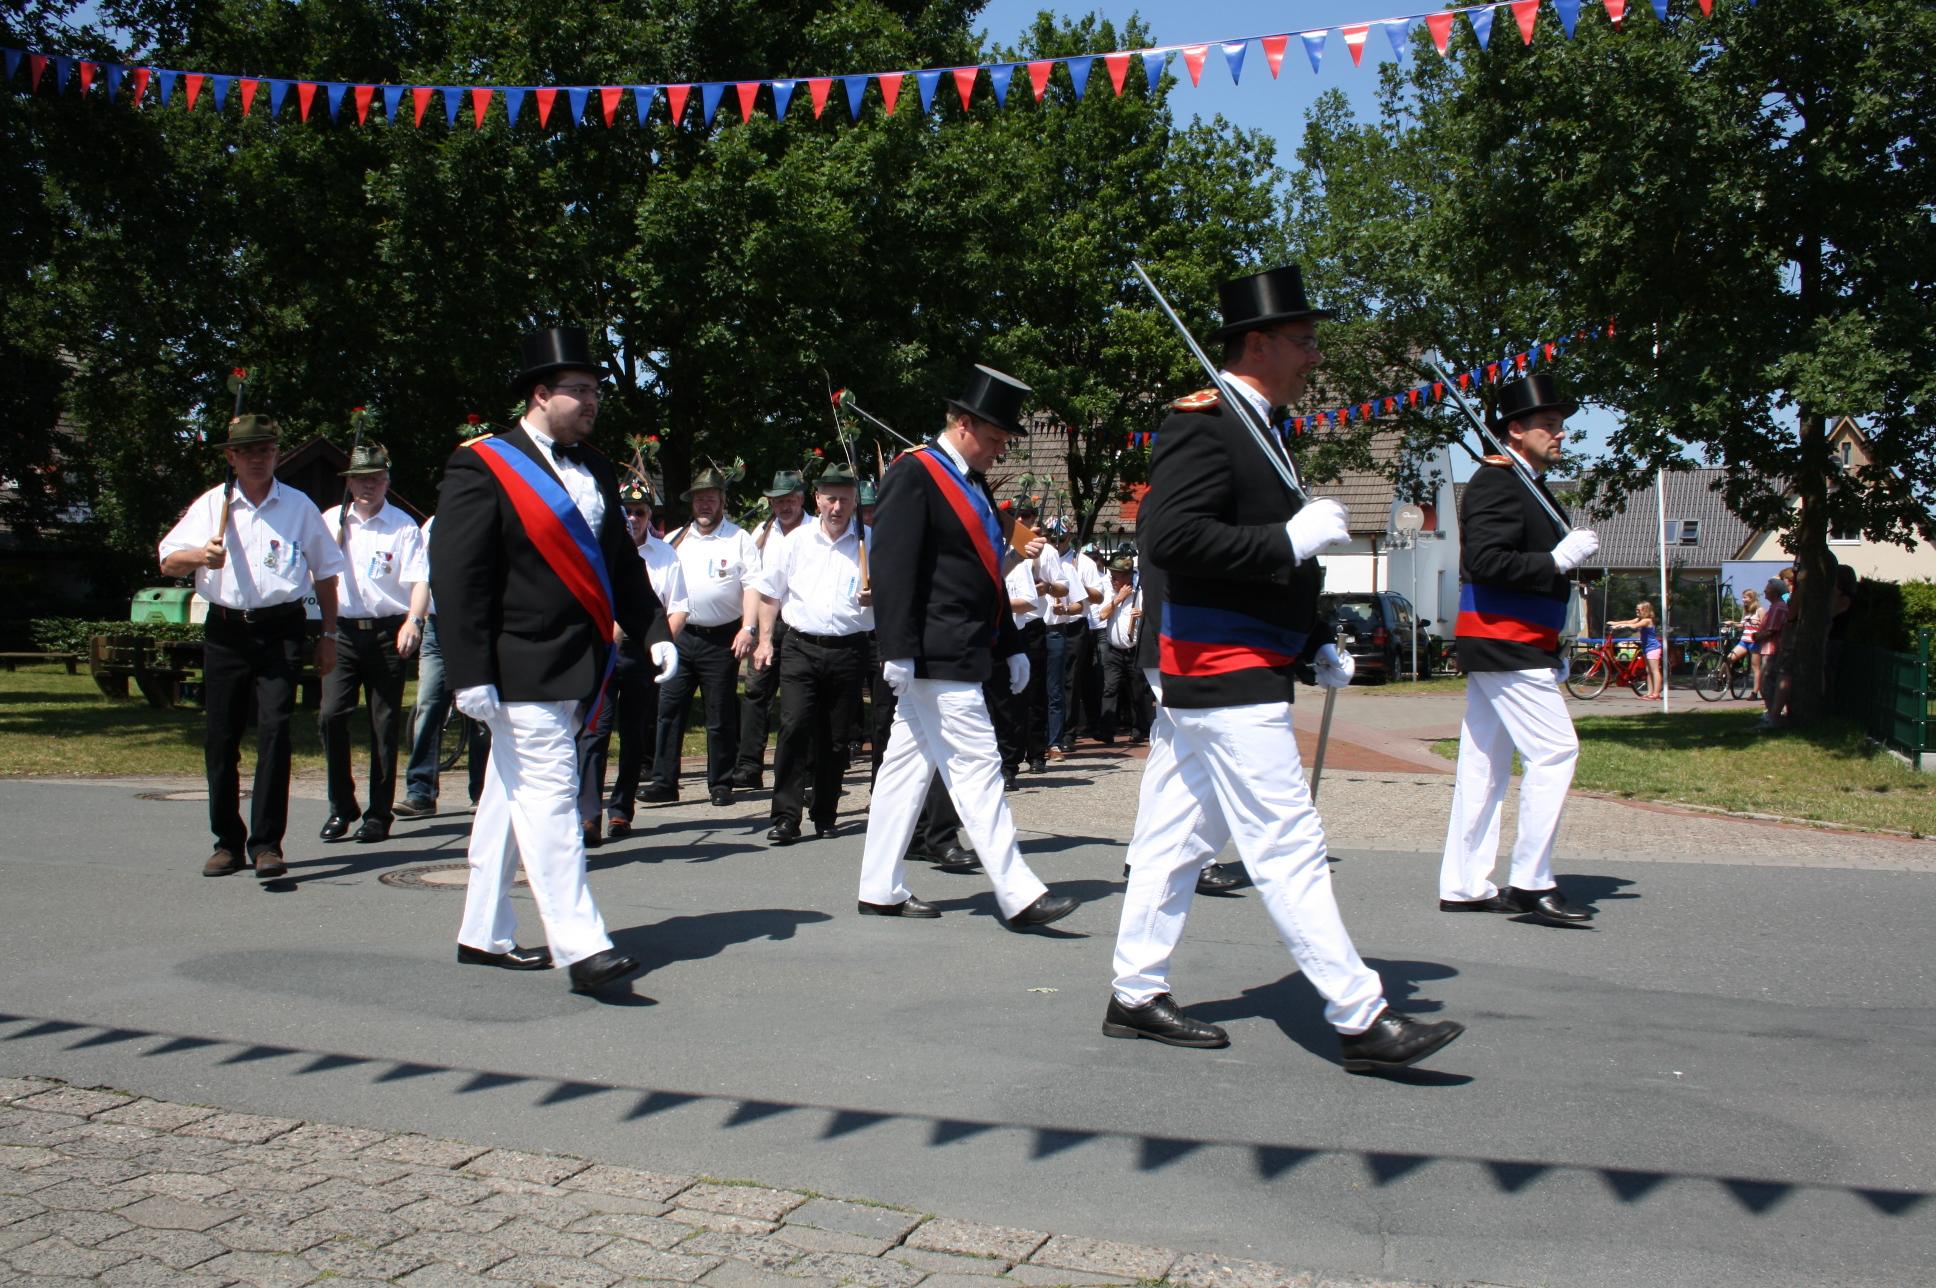 Die Kompanie marschiert ins Dorf